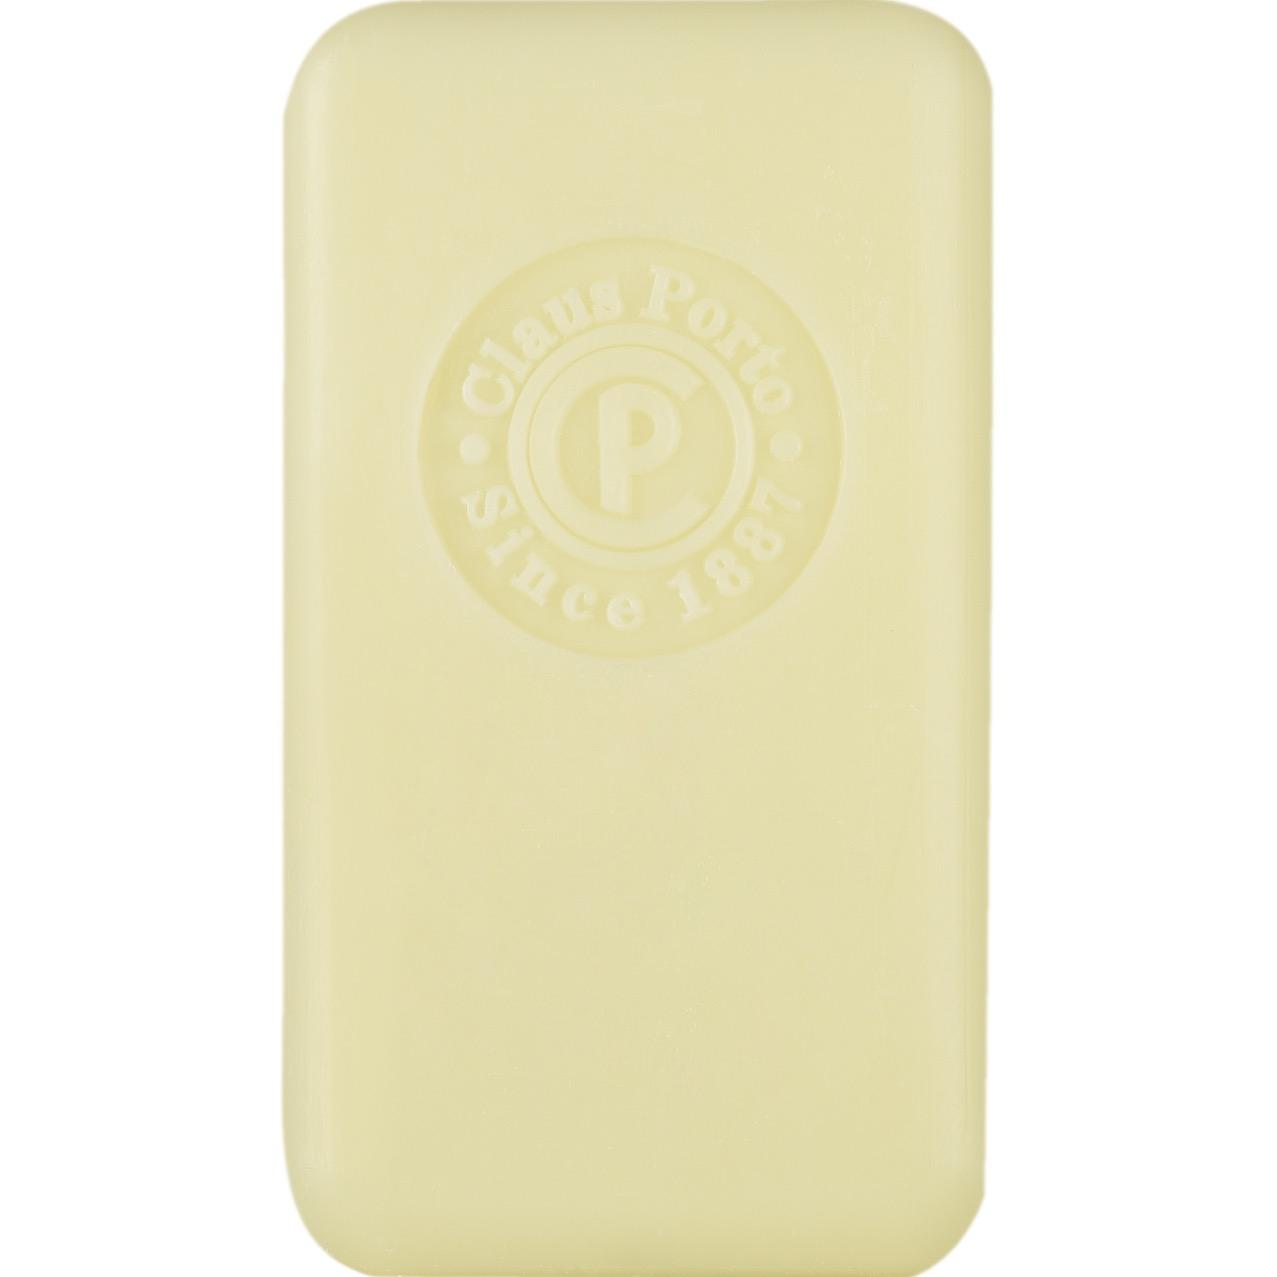 Mini Soap Bar Chic - Tulip